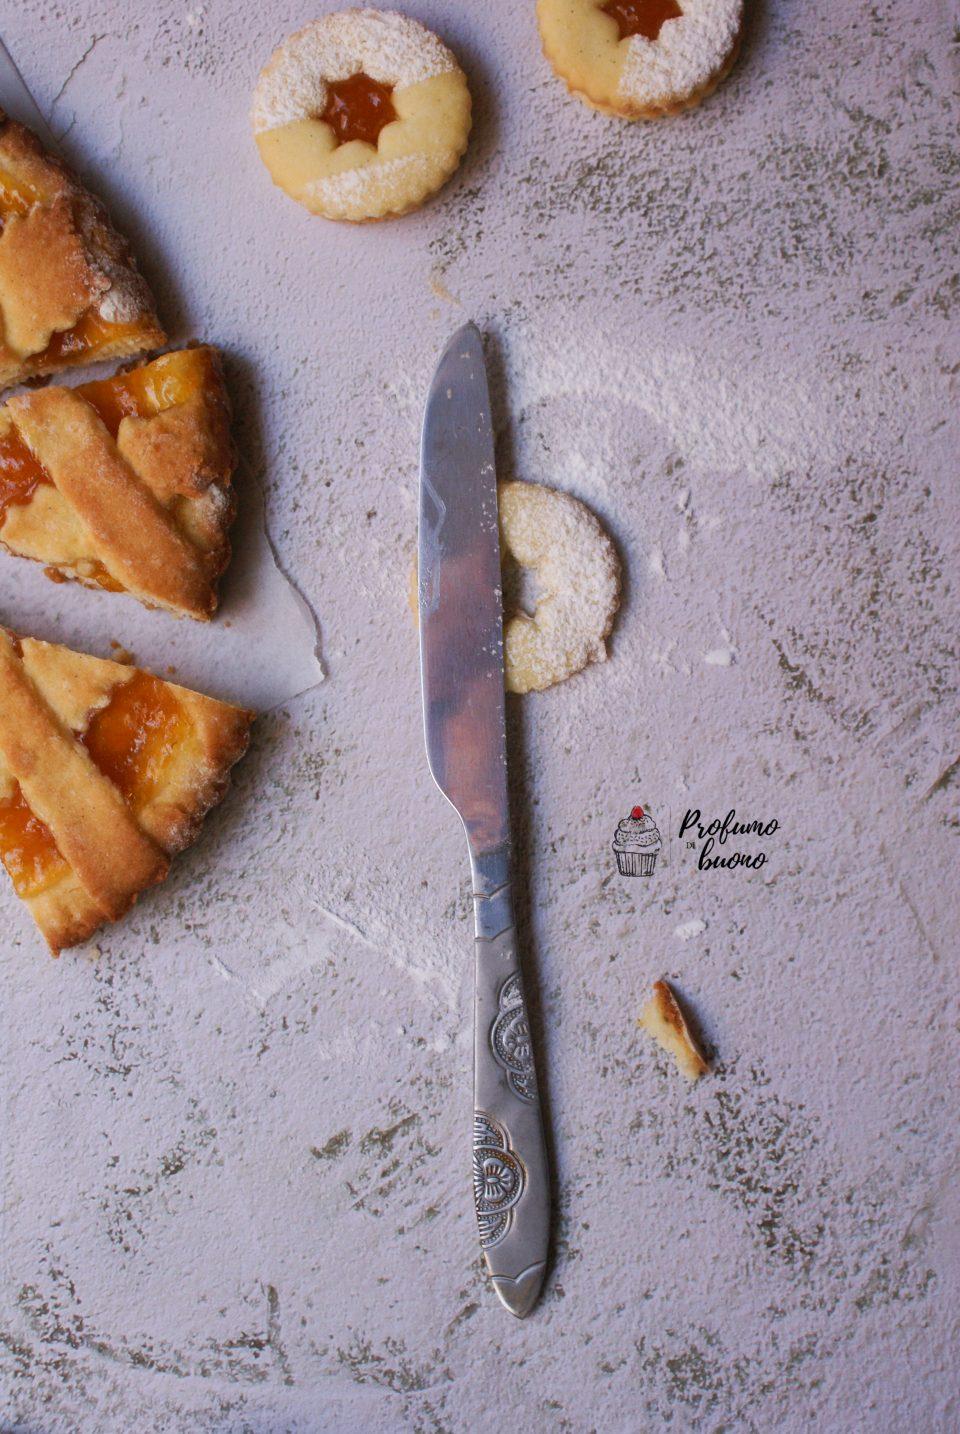 Biscotti realizzati con pasta frolla frolla senza glutine e senza burro, con farine naturali, farciti con crema di  nocciole e decorati con zucchero a velo